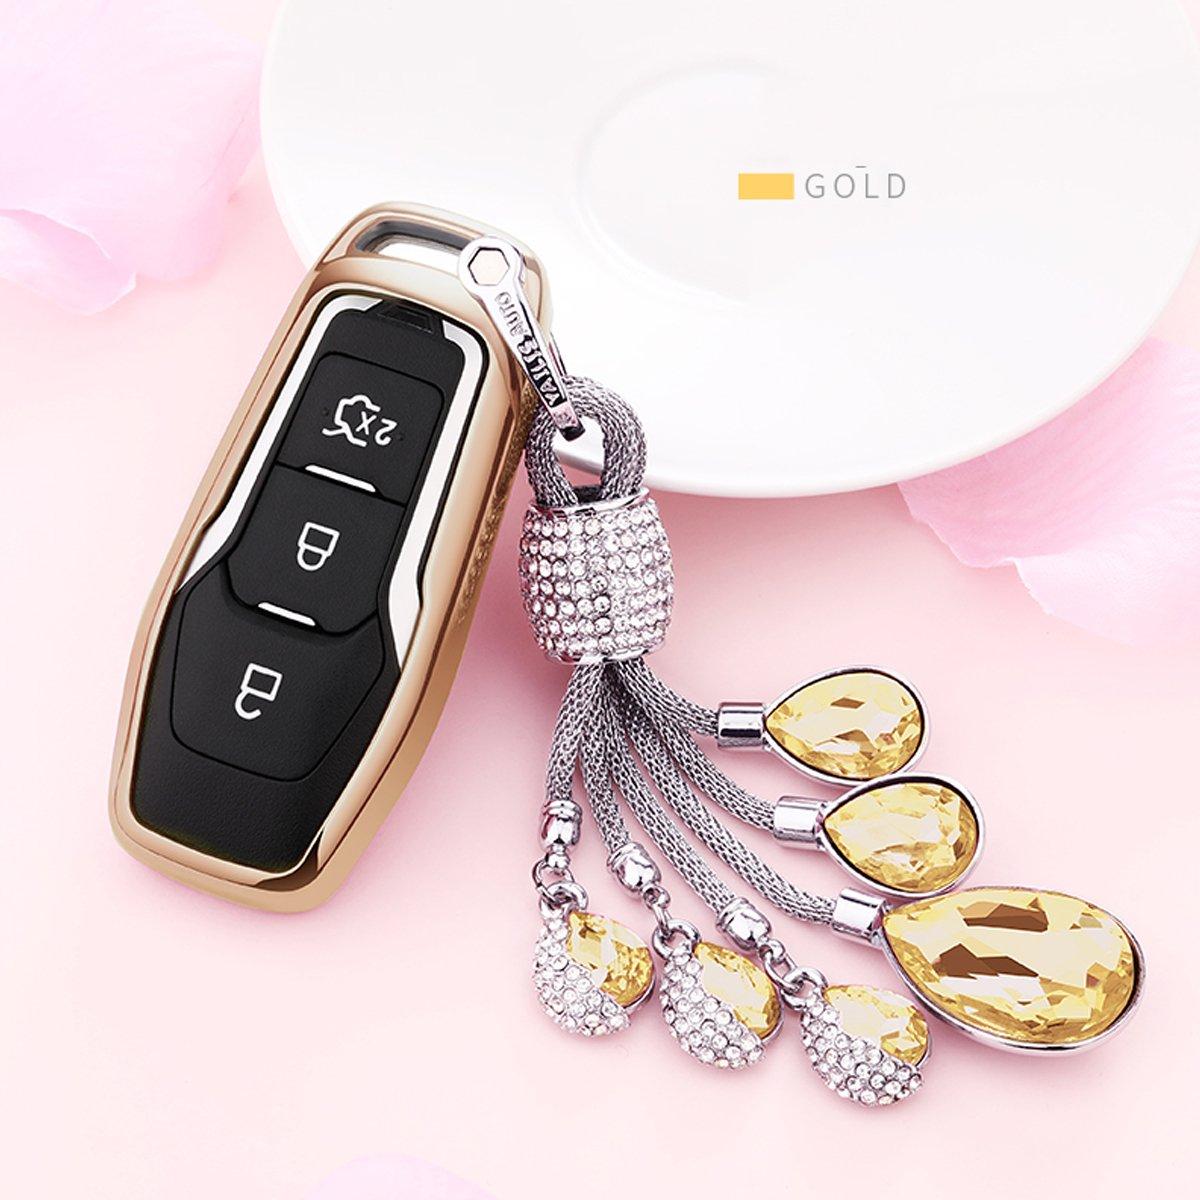 カイゼンキーレスエントリーリモートキーFobカバーソフトTPUケースwithダイヤモンドタッセルキーチェーンfor Ford MustangモンデオGalaxy Edgeレンジャー3-buttonsスマートキー Smart key cover+tassel keychain TPUKC310 B07CN82TQX Smart key cover+tassel keychain|ゴールド ゴールド Smart key cover+tassel keychain